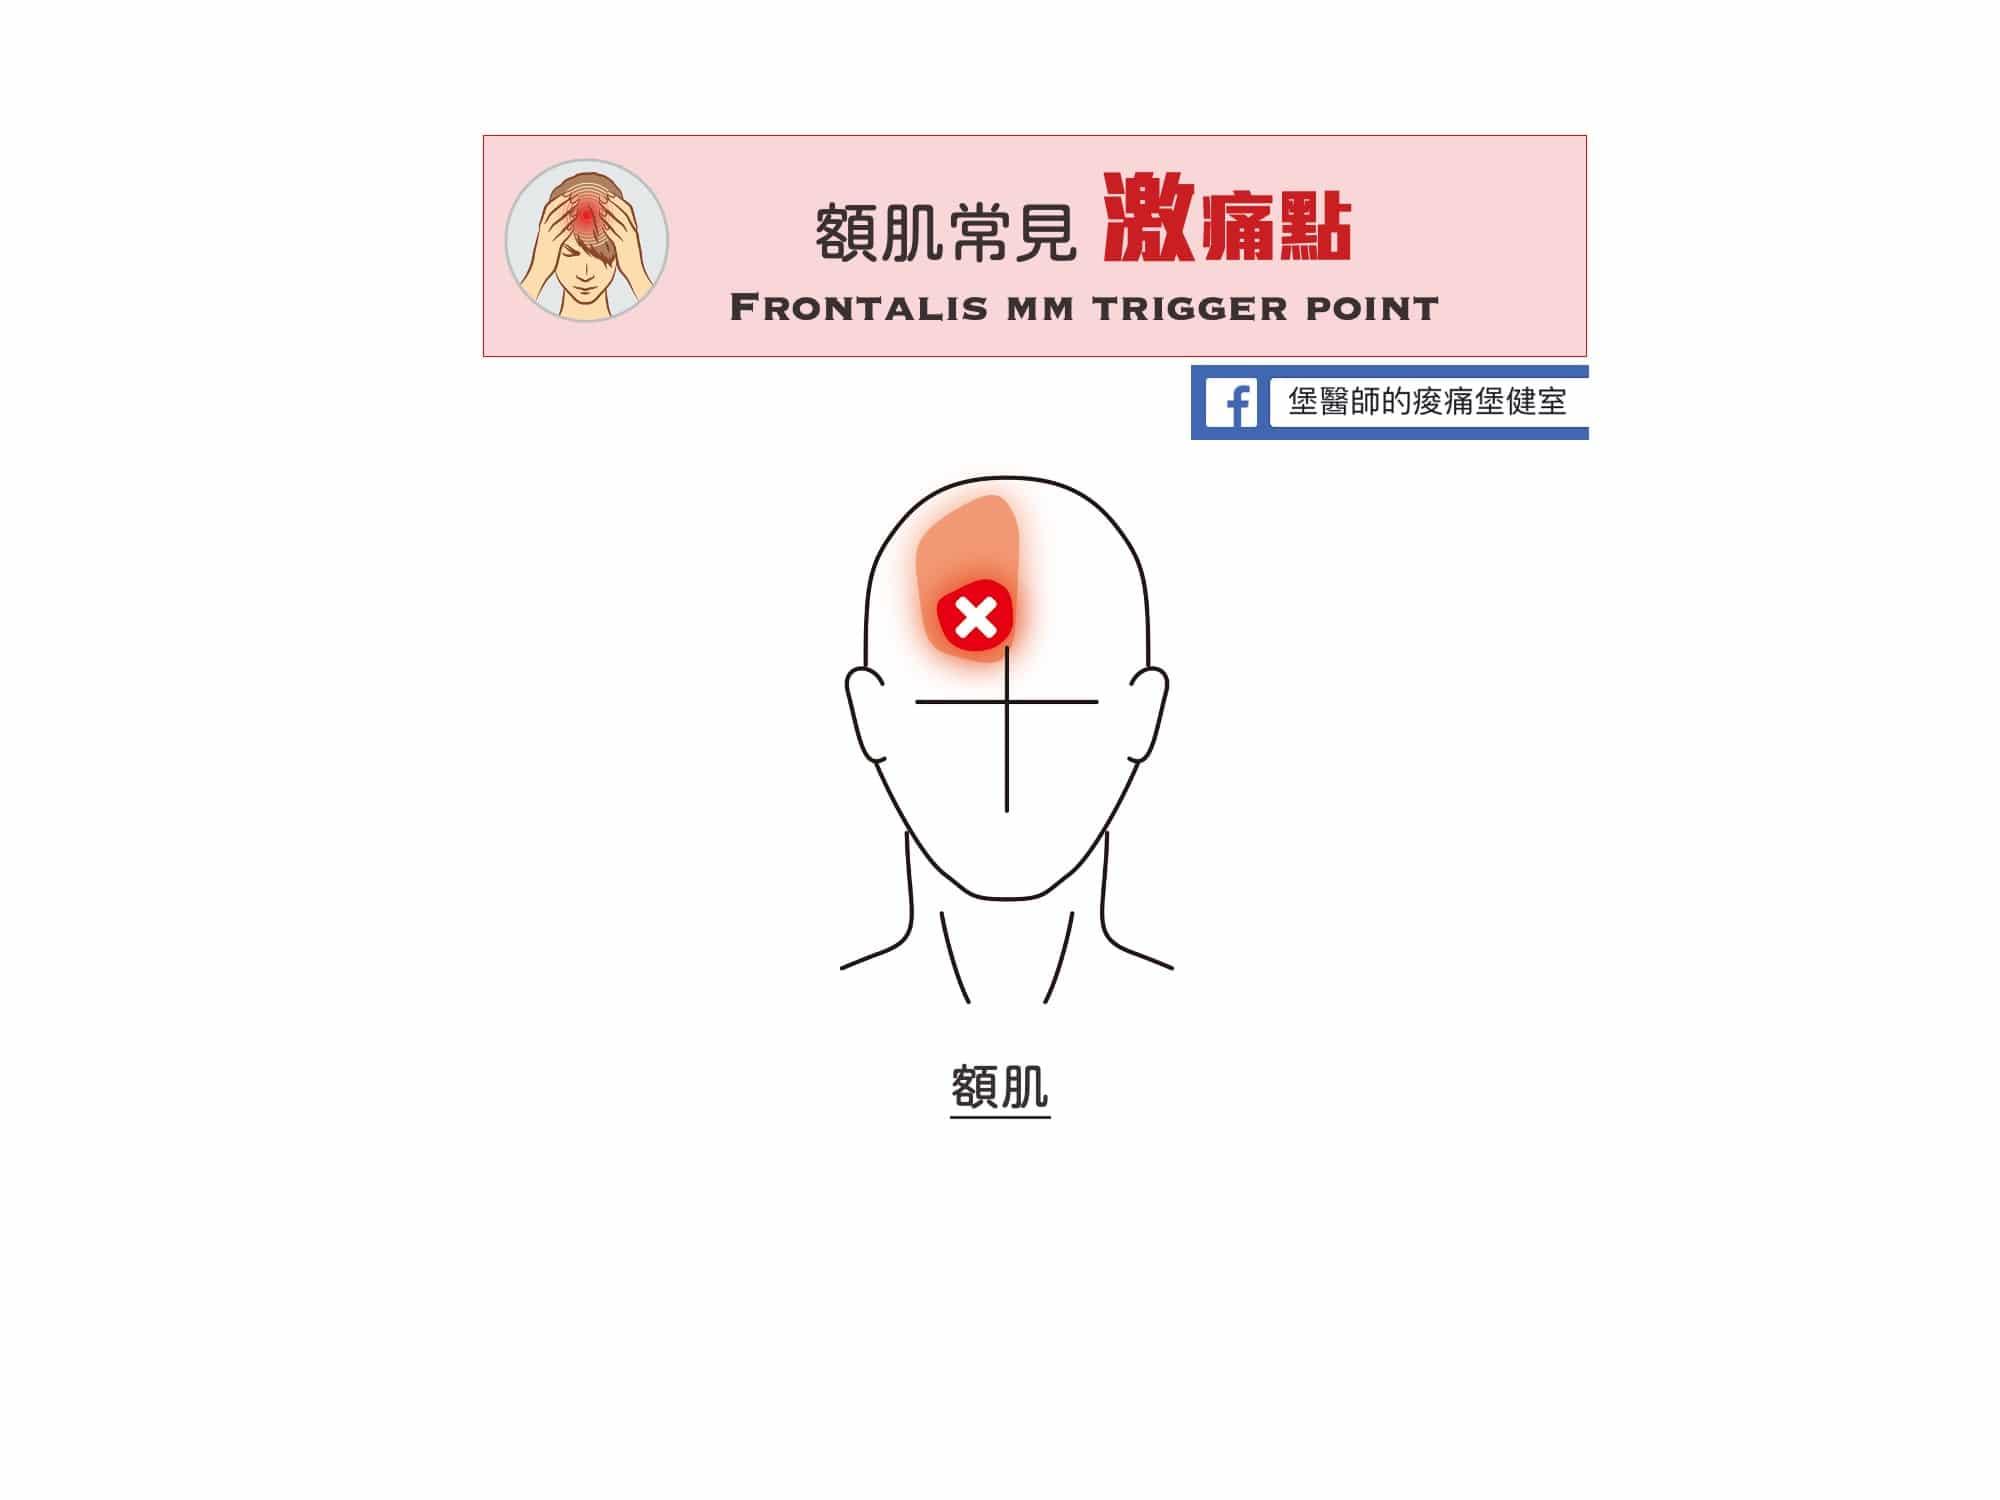 頭痛-額肌常見激痛點